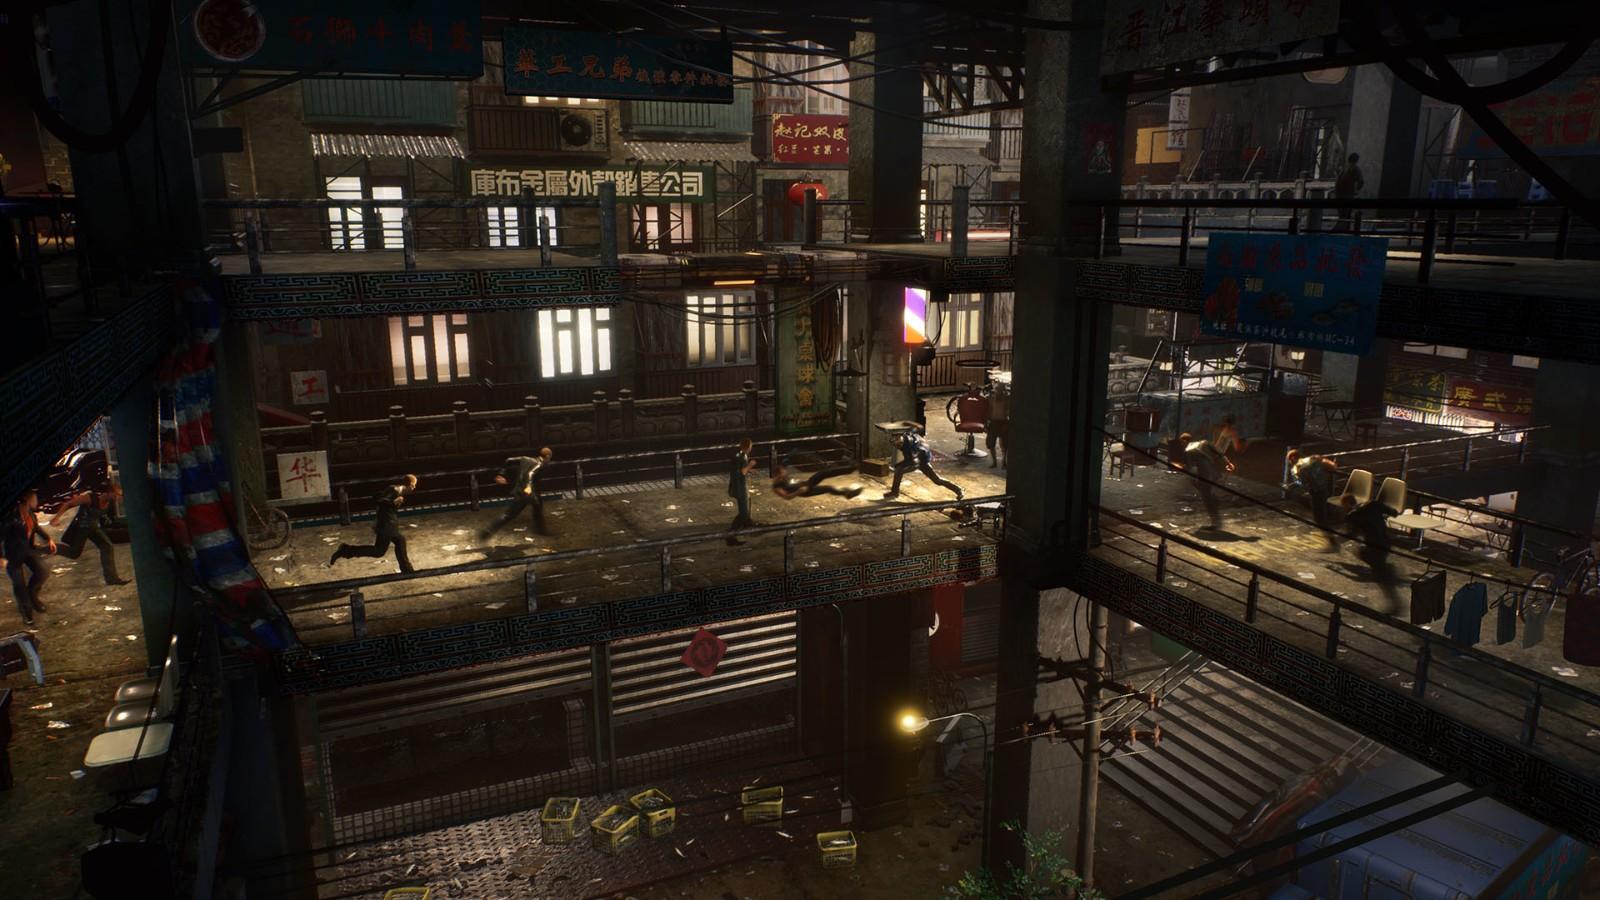 国产赛博朋克《生死轮回》公布 设定在2046年的未来